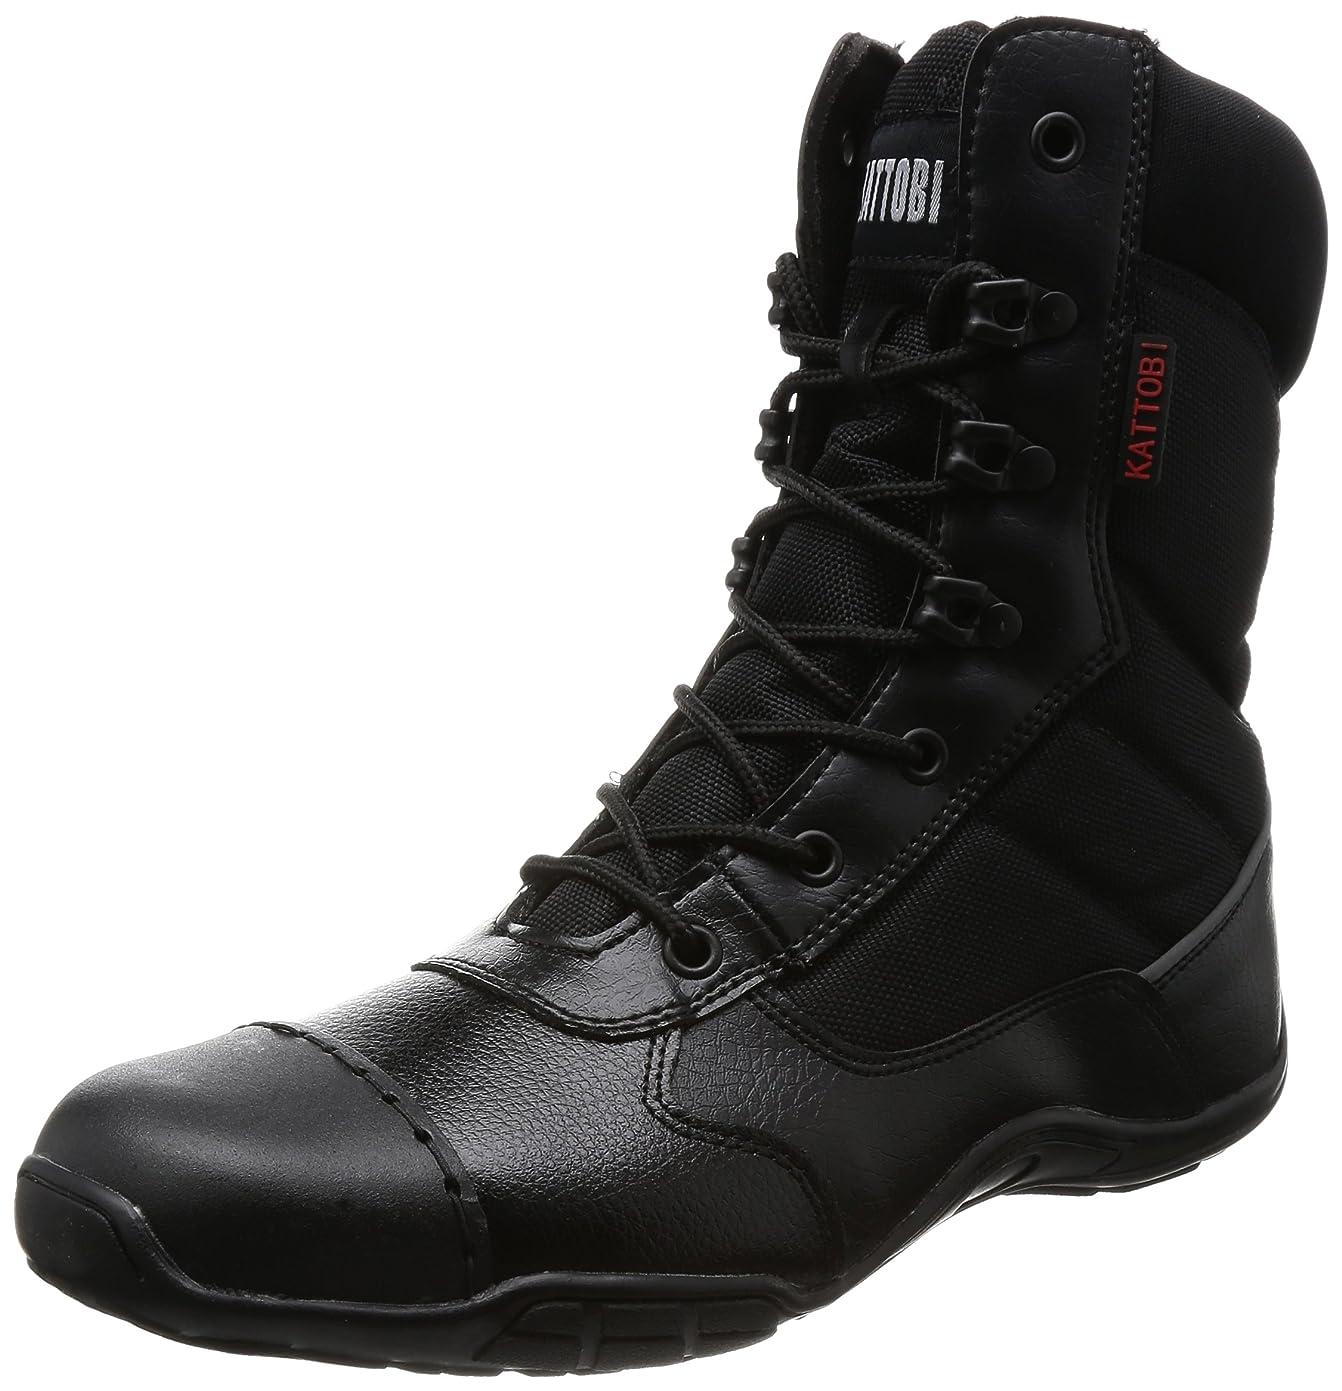 上軽量素晴らしいです安全靴 オーバーキャップ 外付先芯 高所対応 長編上 8123 メンズ BLACK